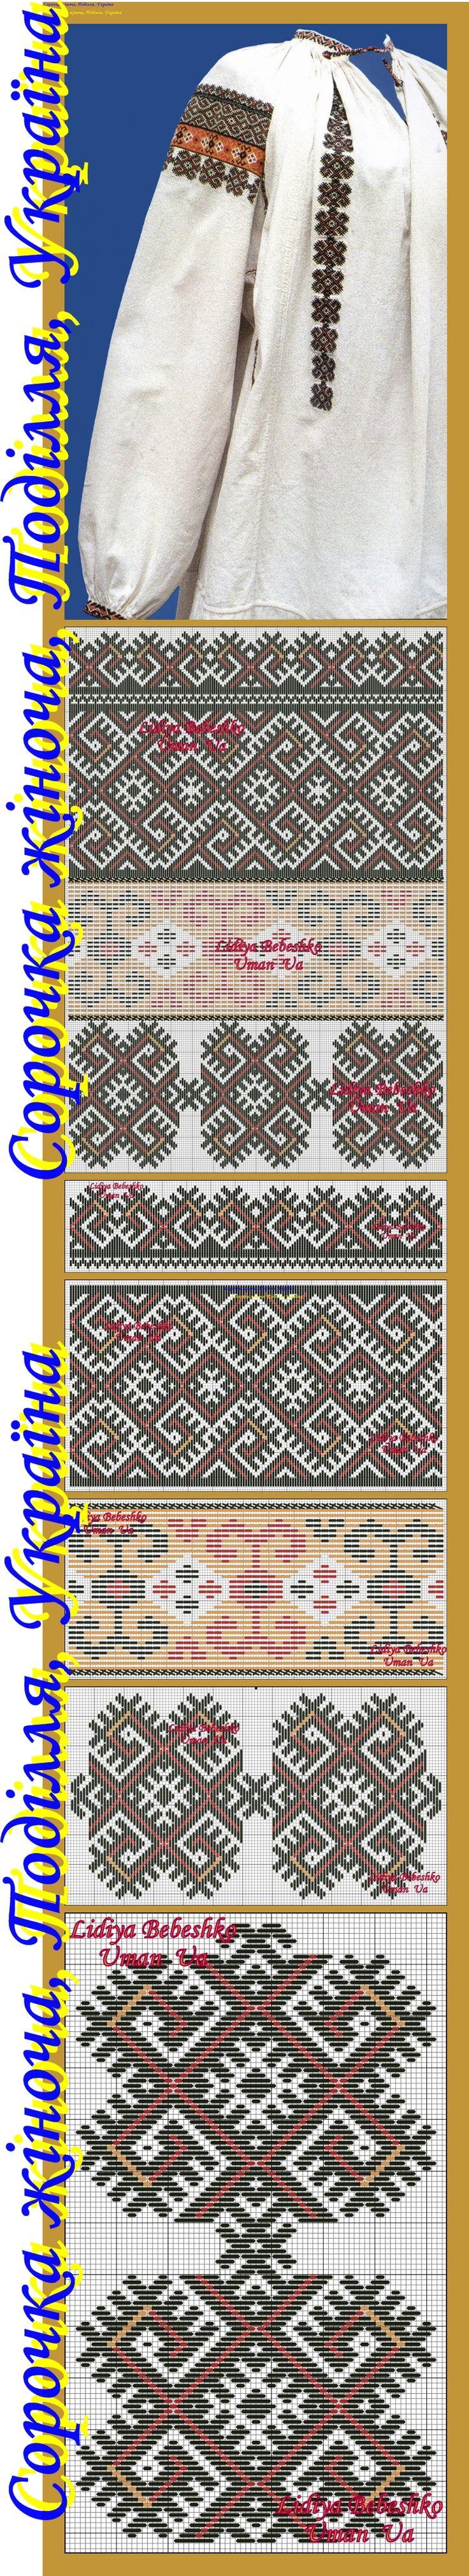 Сорочка жіноча з Одещини (?), Східне  Поділля, фонди Одеського історико - краєзнавчого музею.